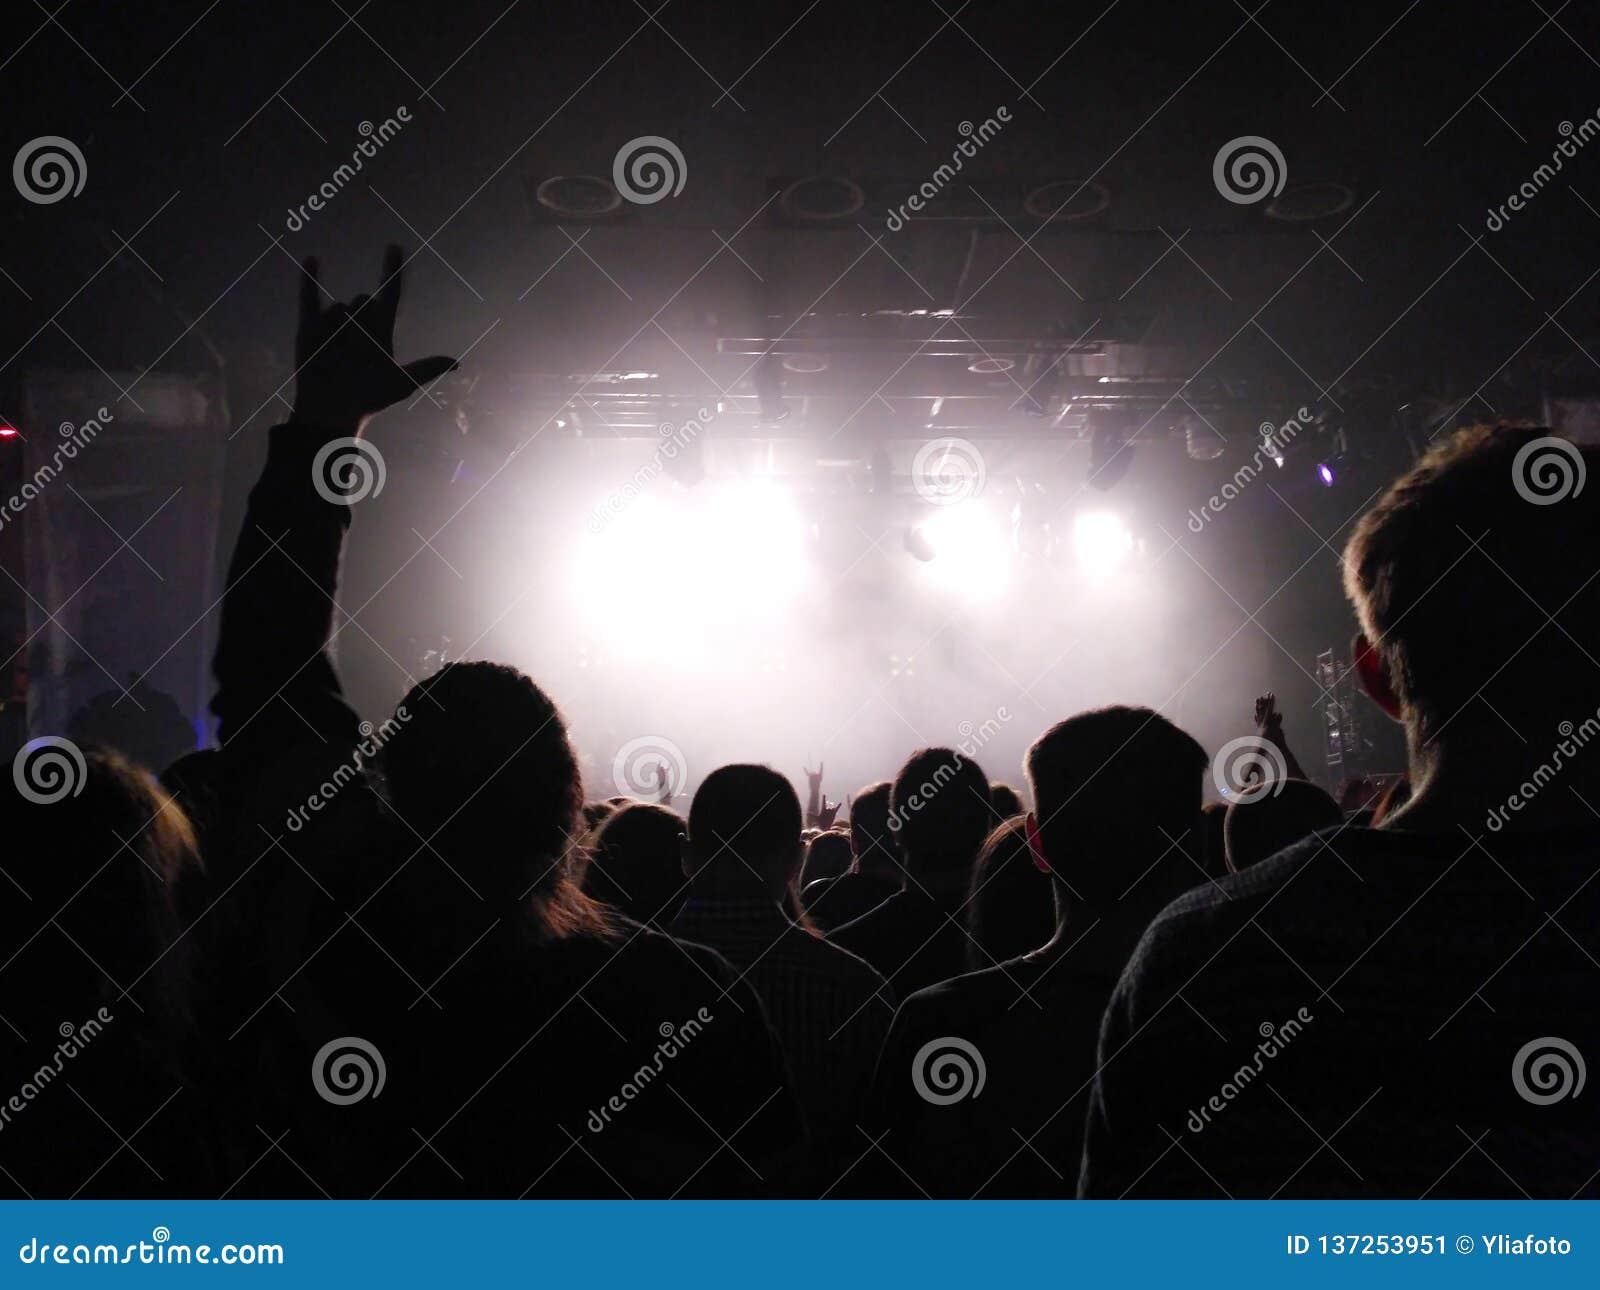 Σκιαγραφίες των ανθρώπων σε μια συναυλία Σκάστε τη συναυλία Συγκρότημα ροκ Ο τύπος κάνει μια αίγα με το χέρι Φωτεινό φως στο στάδ